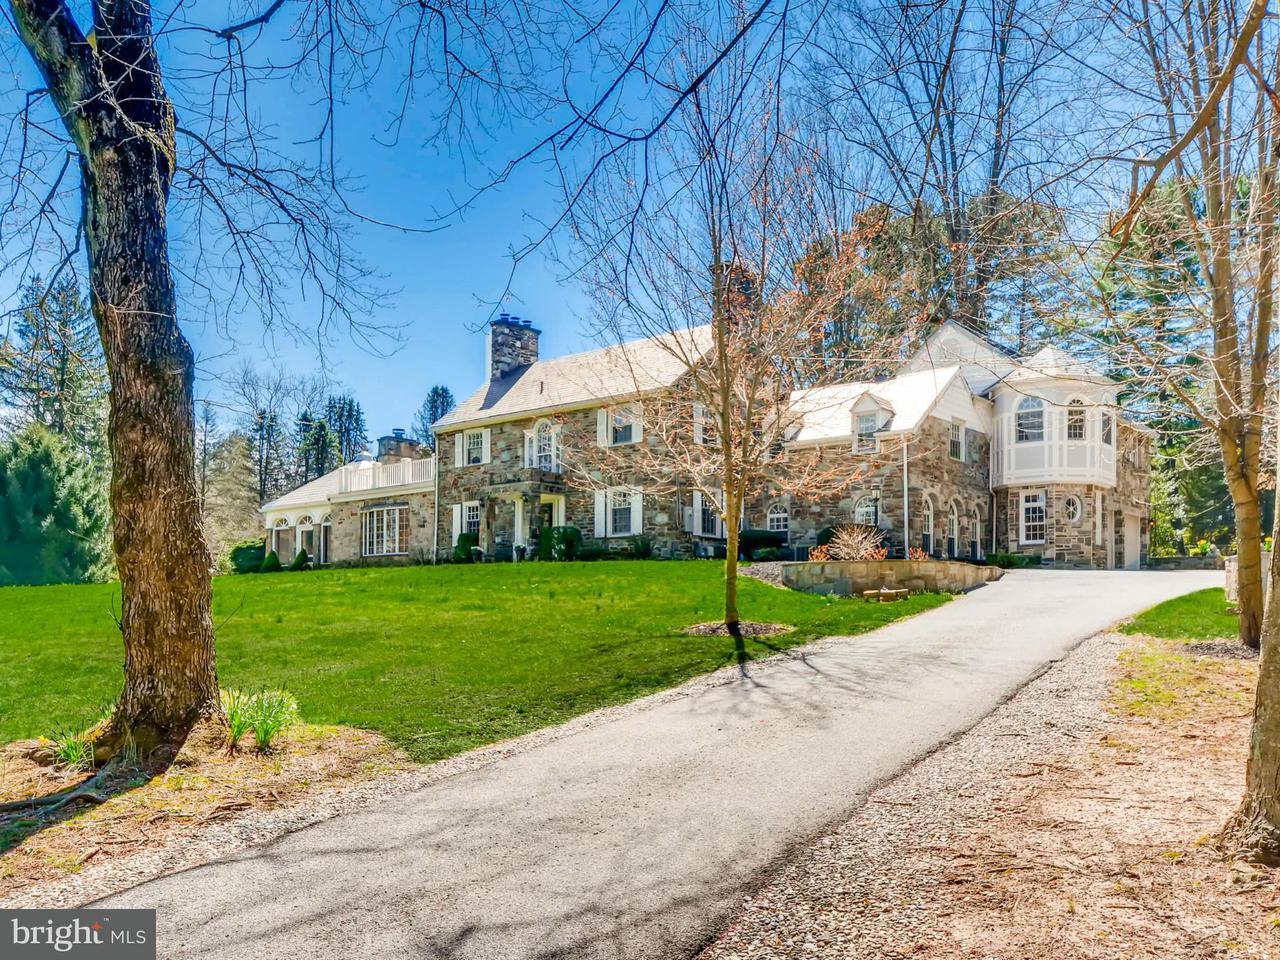 Μονοκατοικία για την Πώληση στο 501 SEMINARY Avenue 501 SEMINARY Avenue Towson, Μεριλαντ 21286 Ηνωμενεσ Πολιτειεσ